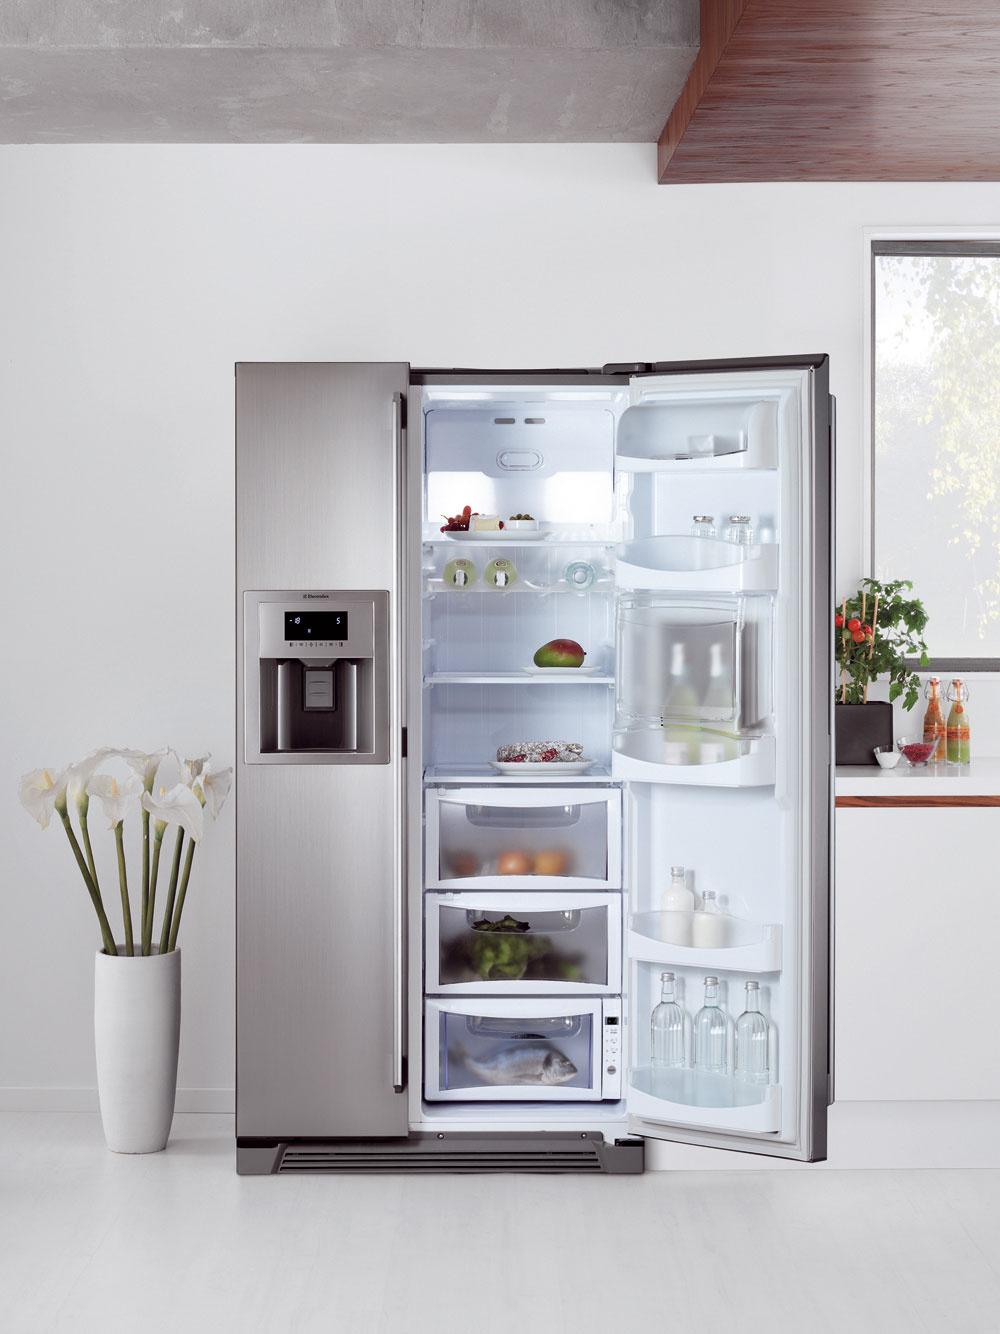 Nová side-by-side chladnička Electrolux ENL60812X sdávkovačom vody aľadu priamo vo dvierkach, napojeným priamo na vodovodné potrubie. Domáci bar umiestnený vdruhých dvierkach ponúka okamžitý prístup knápojom bez nutnosti otvárania celých dverí, čím šetrí energiou. Technológia NoFrost, ochrana proti odtlačkom prstov, elektronické dotykové ovládanie, intenzívne chladenie, rýchle zmrazovanie, alarm zvýšenej teploty aotvorených dverí (svetelná azvuková signalizácia), sklenené police. Objem 518 litrov (343/175), spotreba energie 423 kWh/rok (1,16 kWh/deň), energetická trieda A+, hlučnosť 44 dB. Cena 1 699 €.